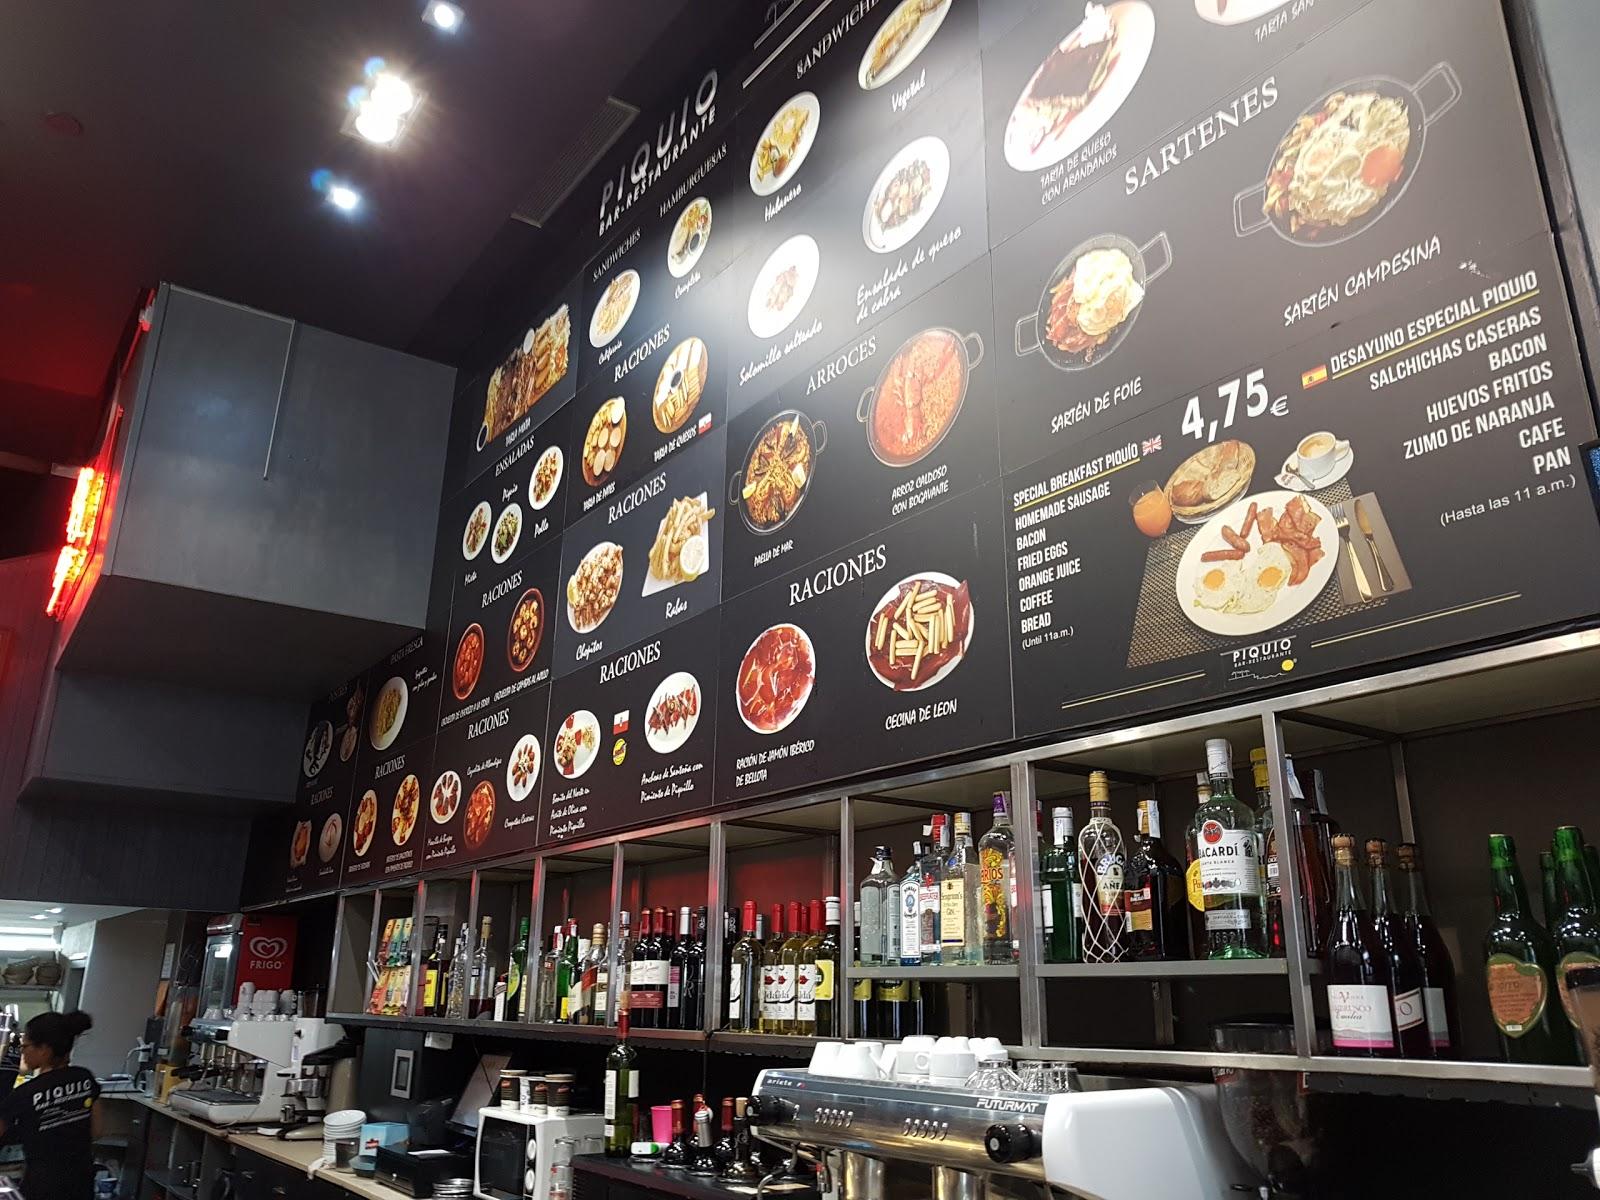 Restaurante Piquio,c/ Juan de Herrera